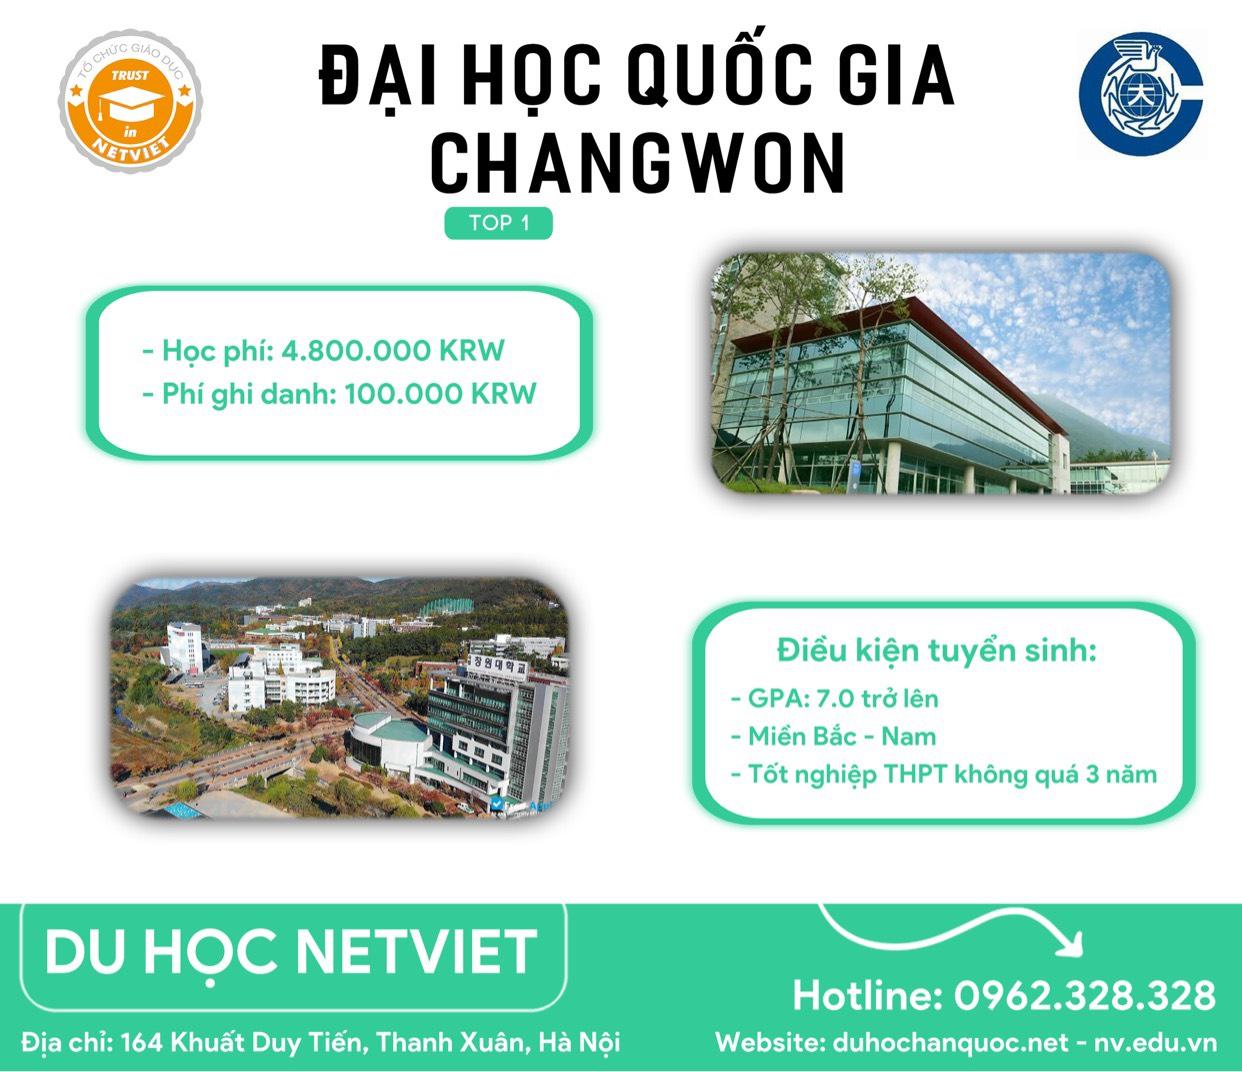 Trường đại học quốc gia Changwon University